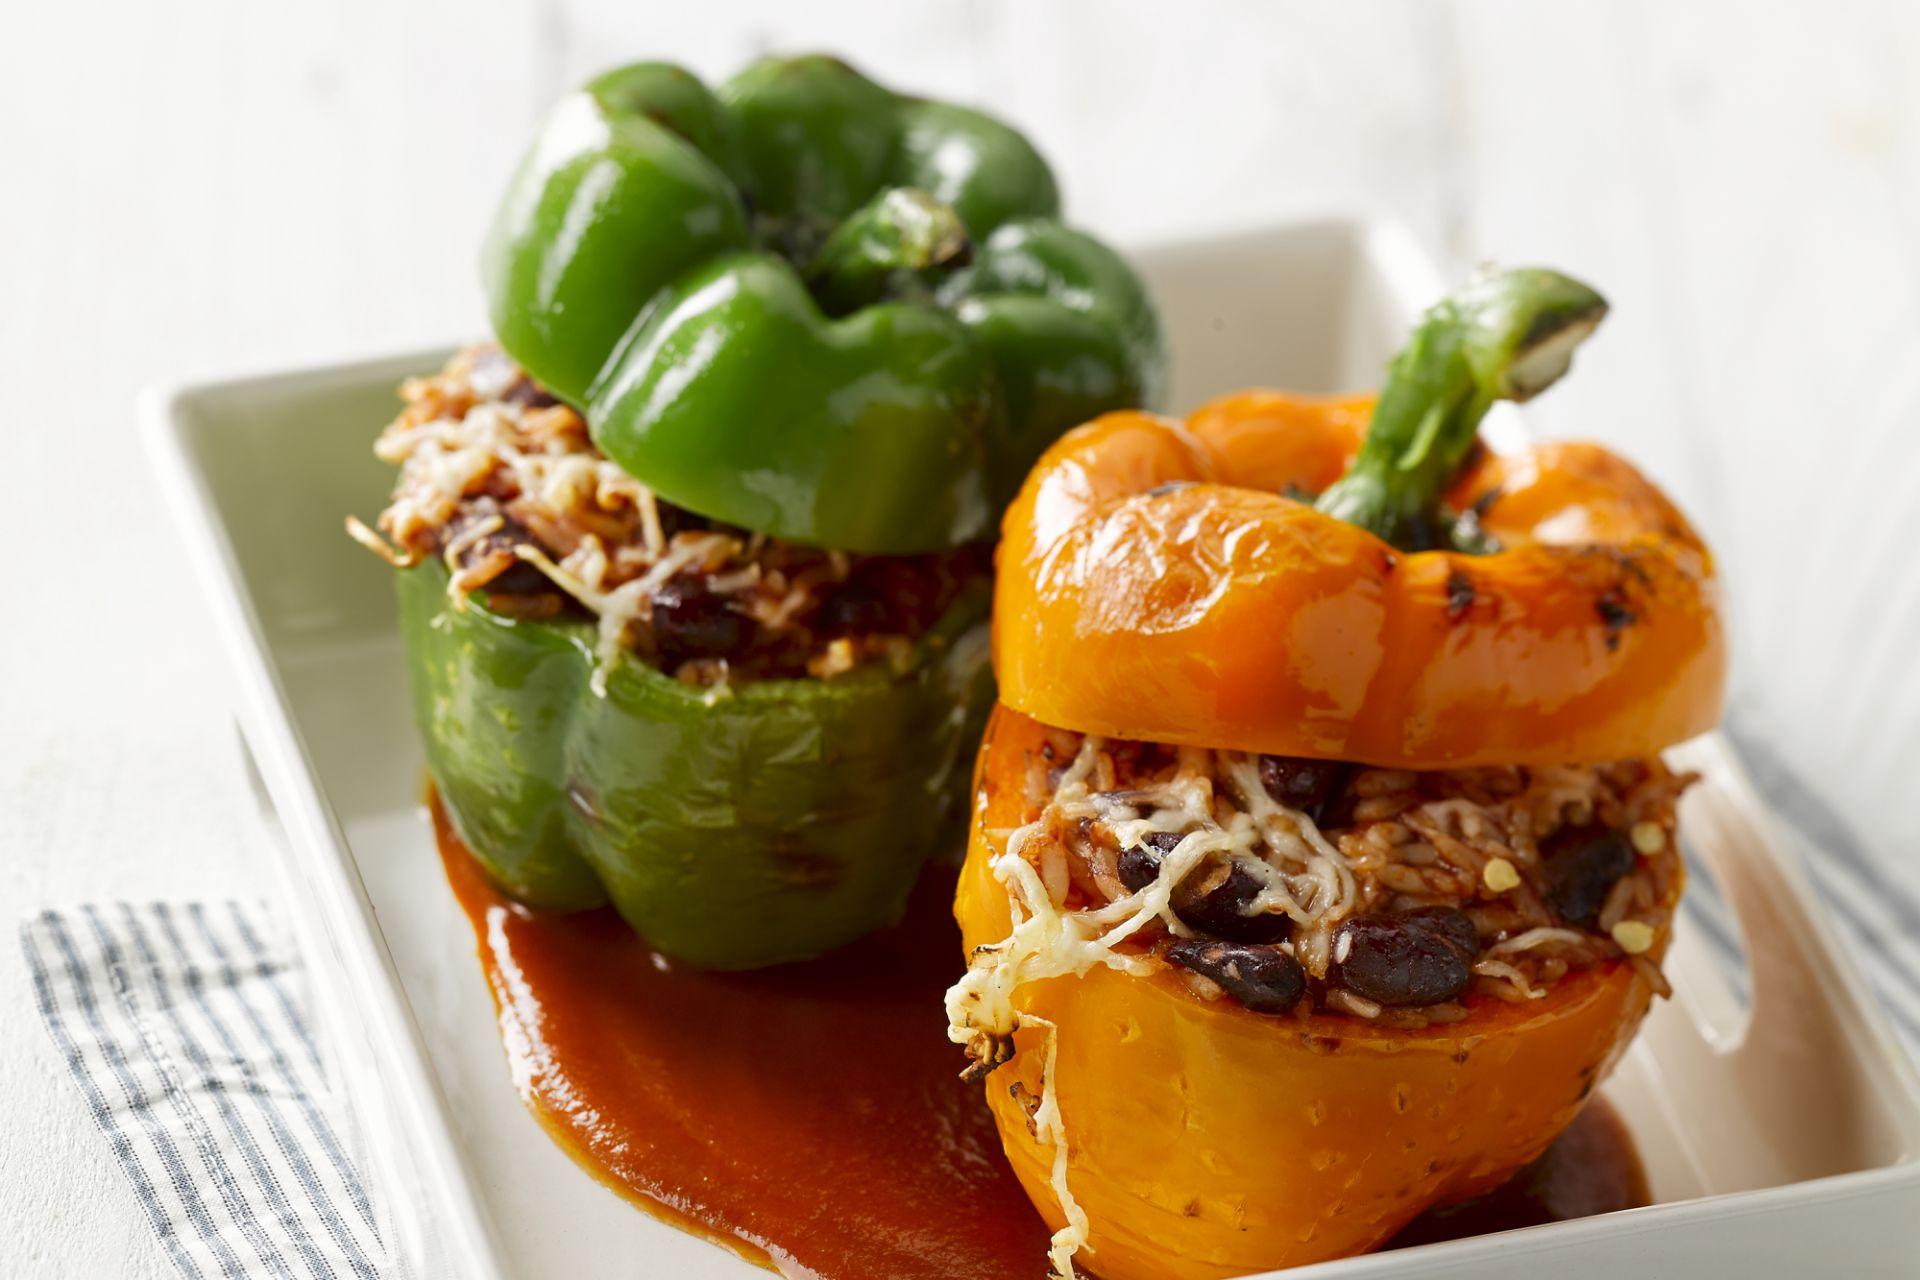 Gevulde paprika met rijst en bonen